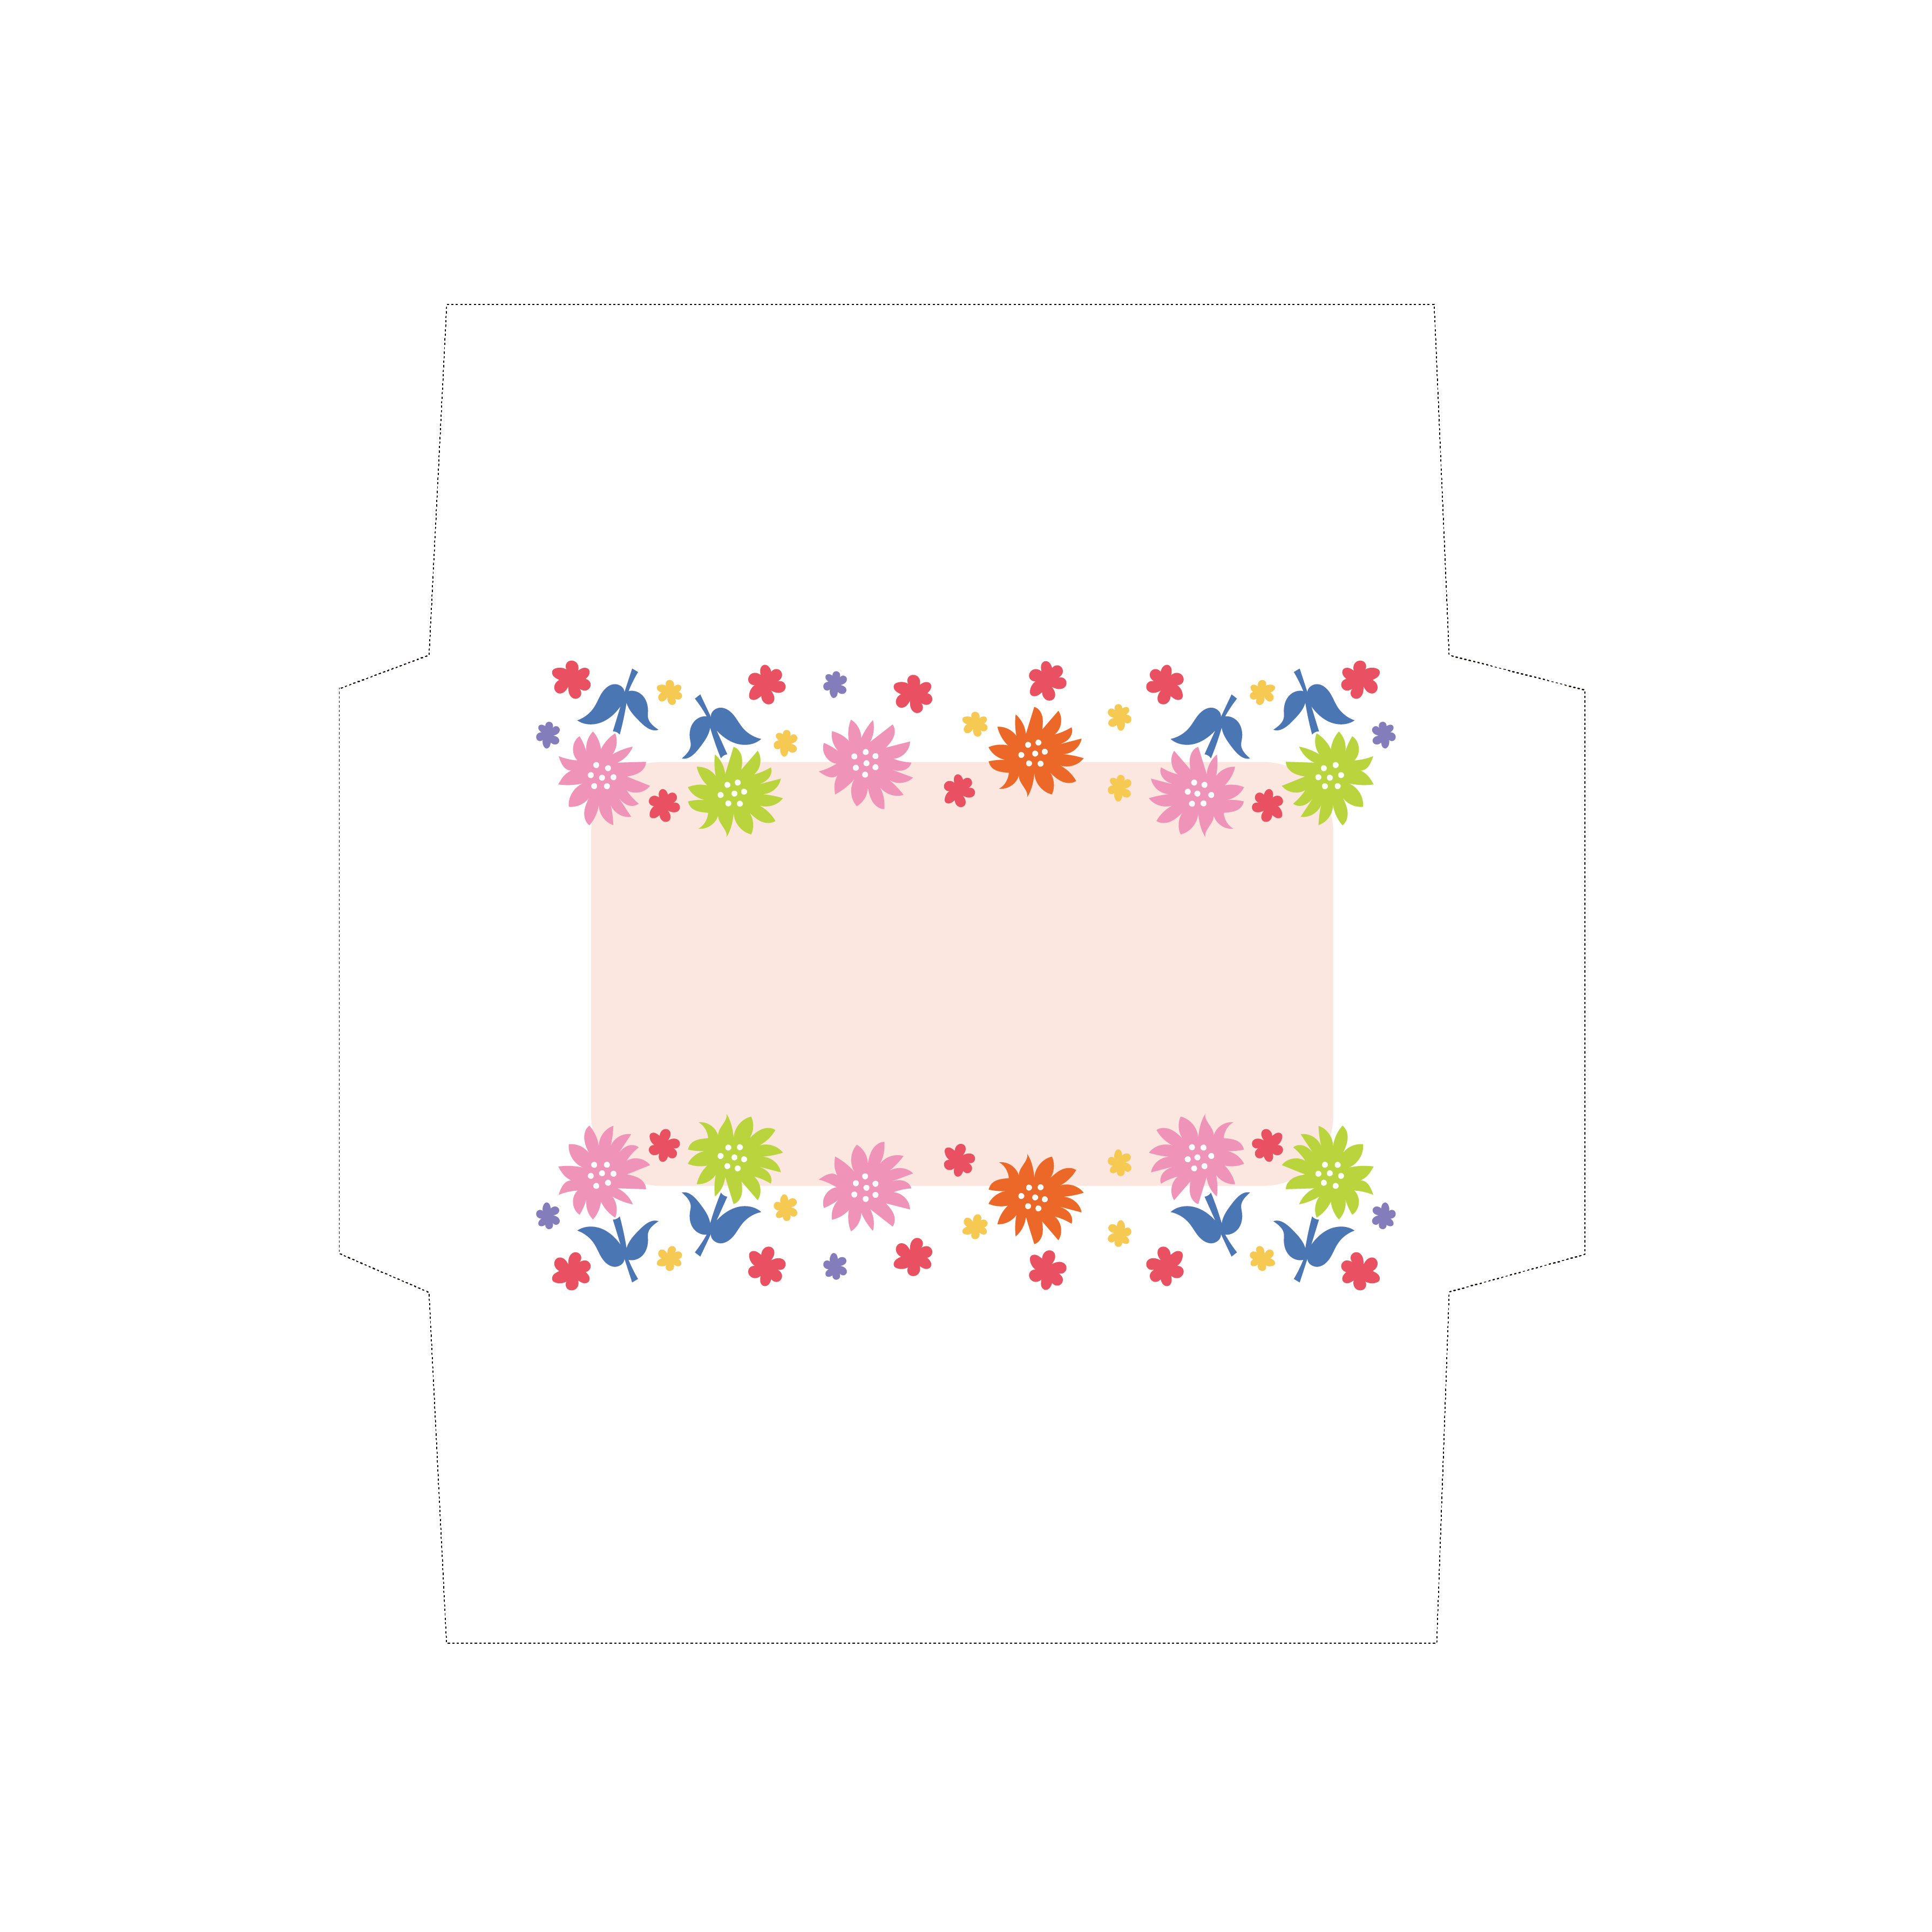 カラフルレトロな封筒のテンプレート イラスト